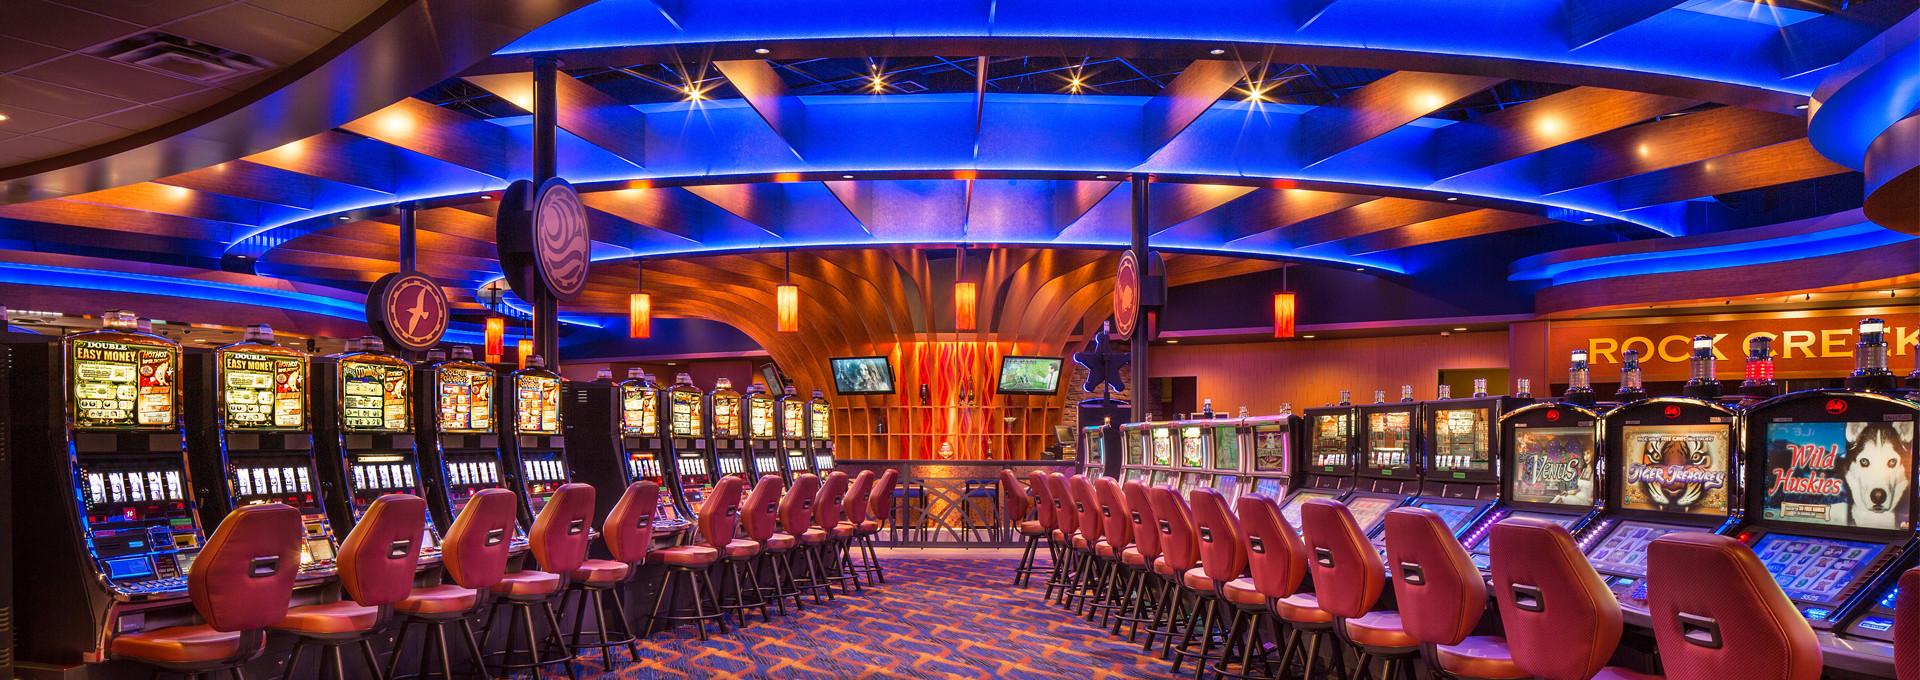 casino-20.jpg